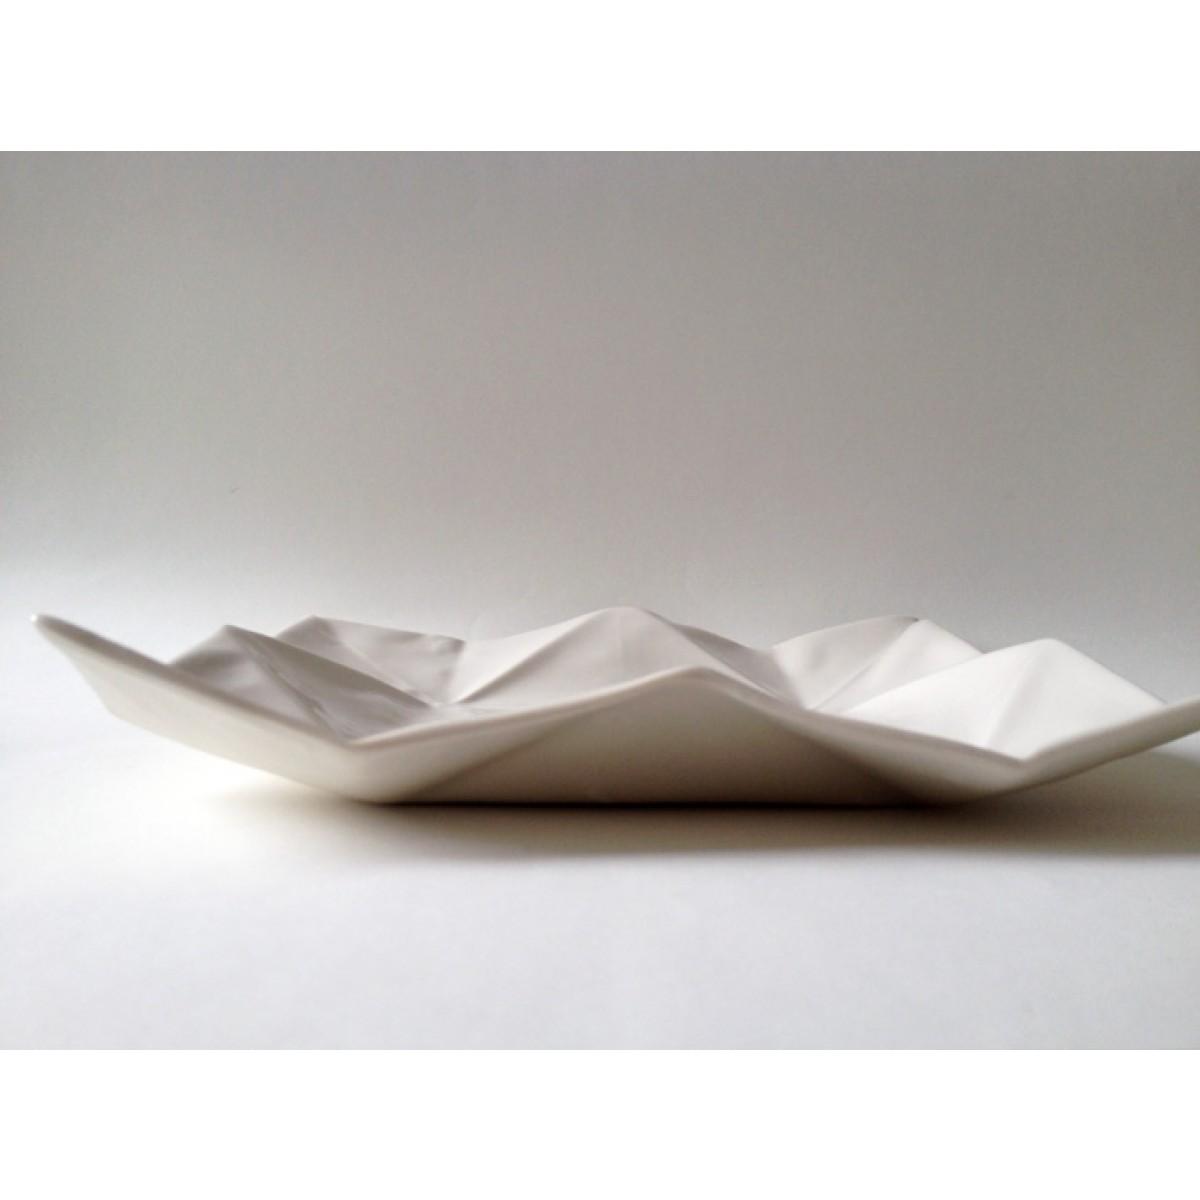 Origami Teller